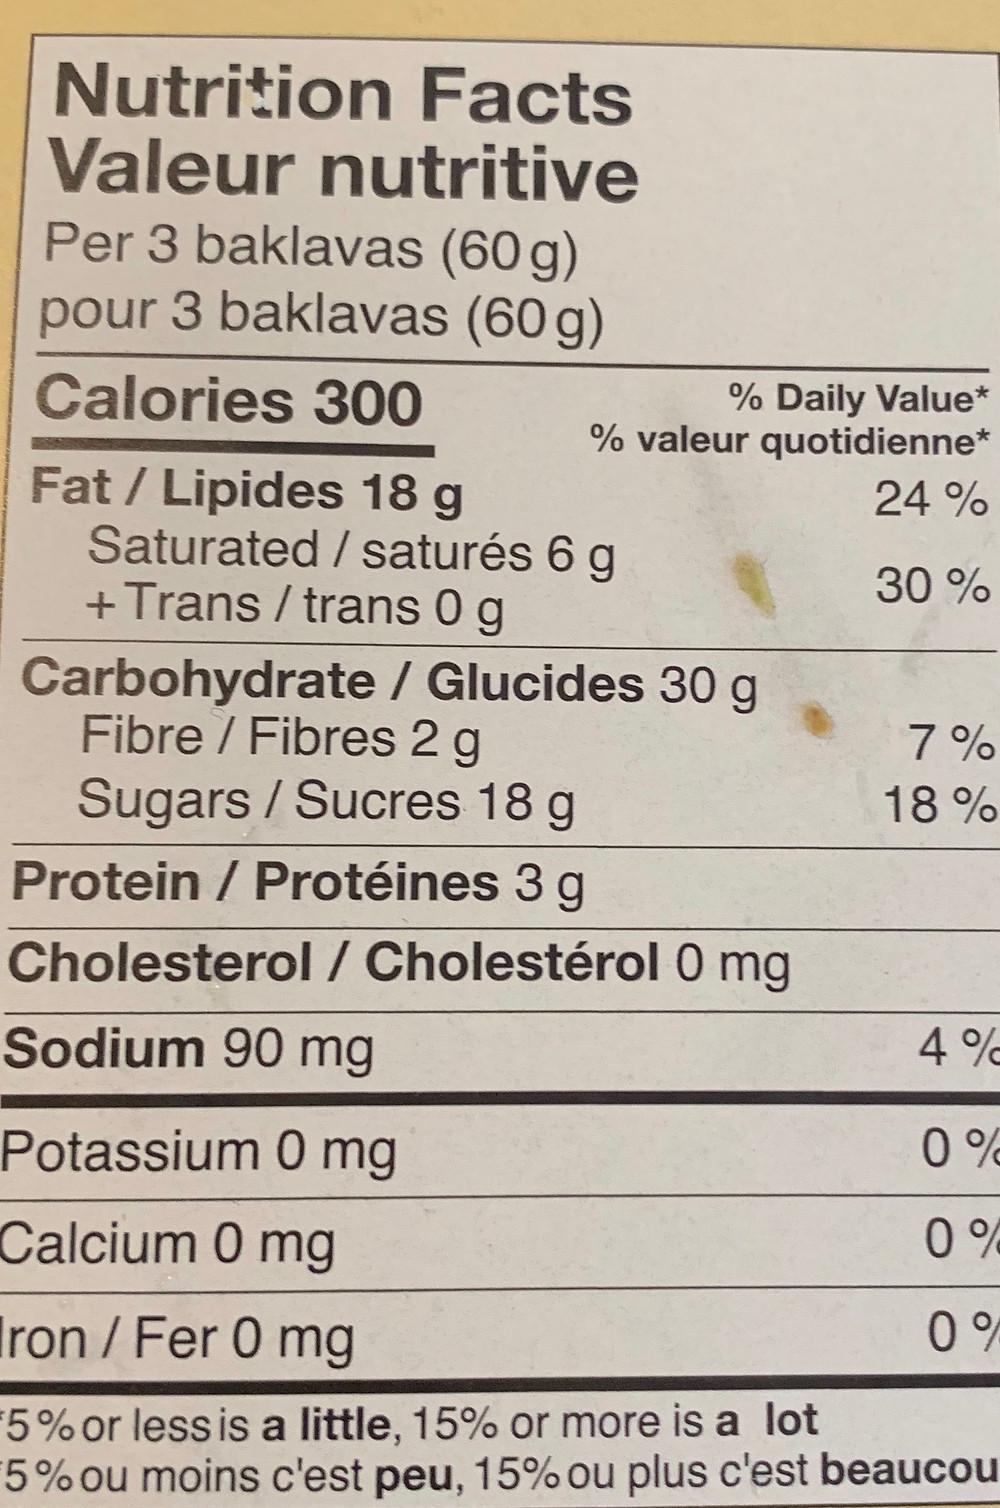 Costco Layla Baklava Nutrition